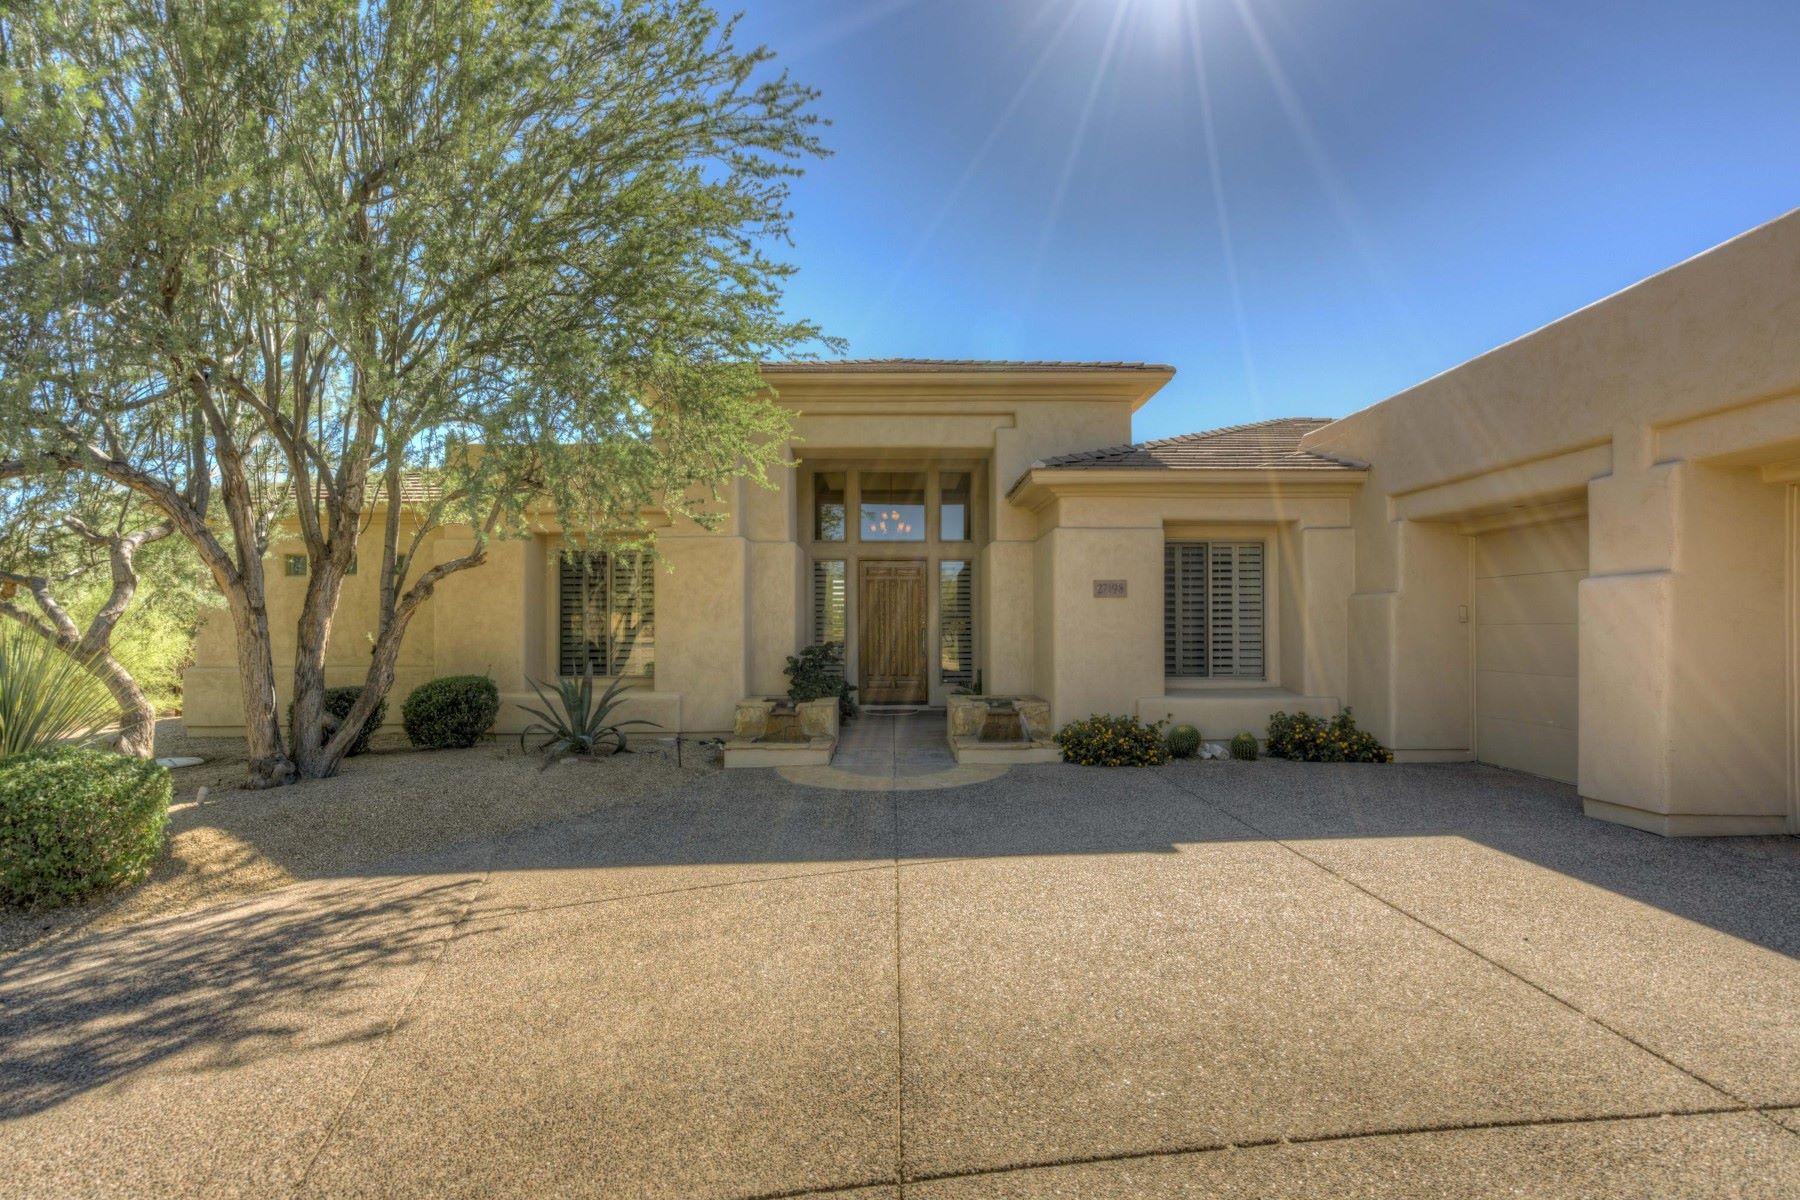 一戸建て のために 売買 アット Beautiful and bright home in North Scottsdale 27198 N 73rd St Scottsdale, アリゾナ, 85266 アメリカ合衆国